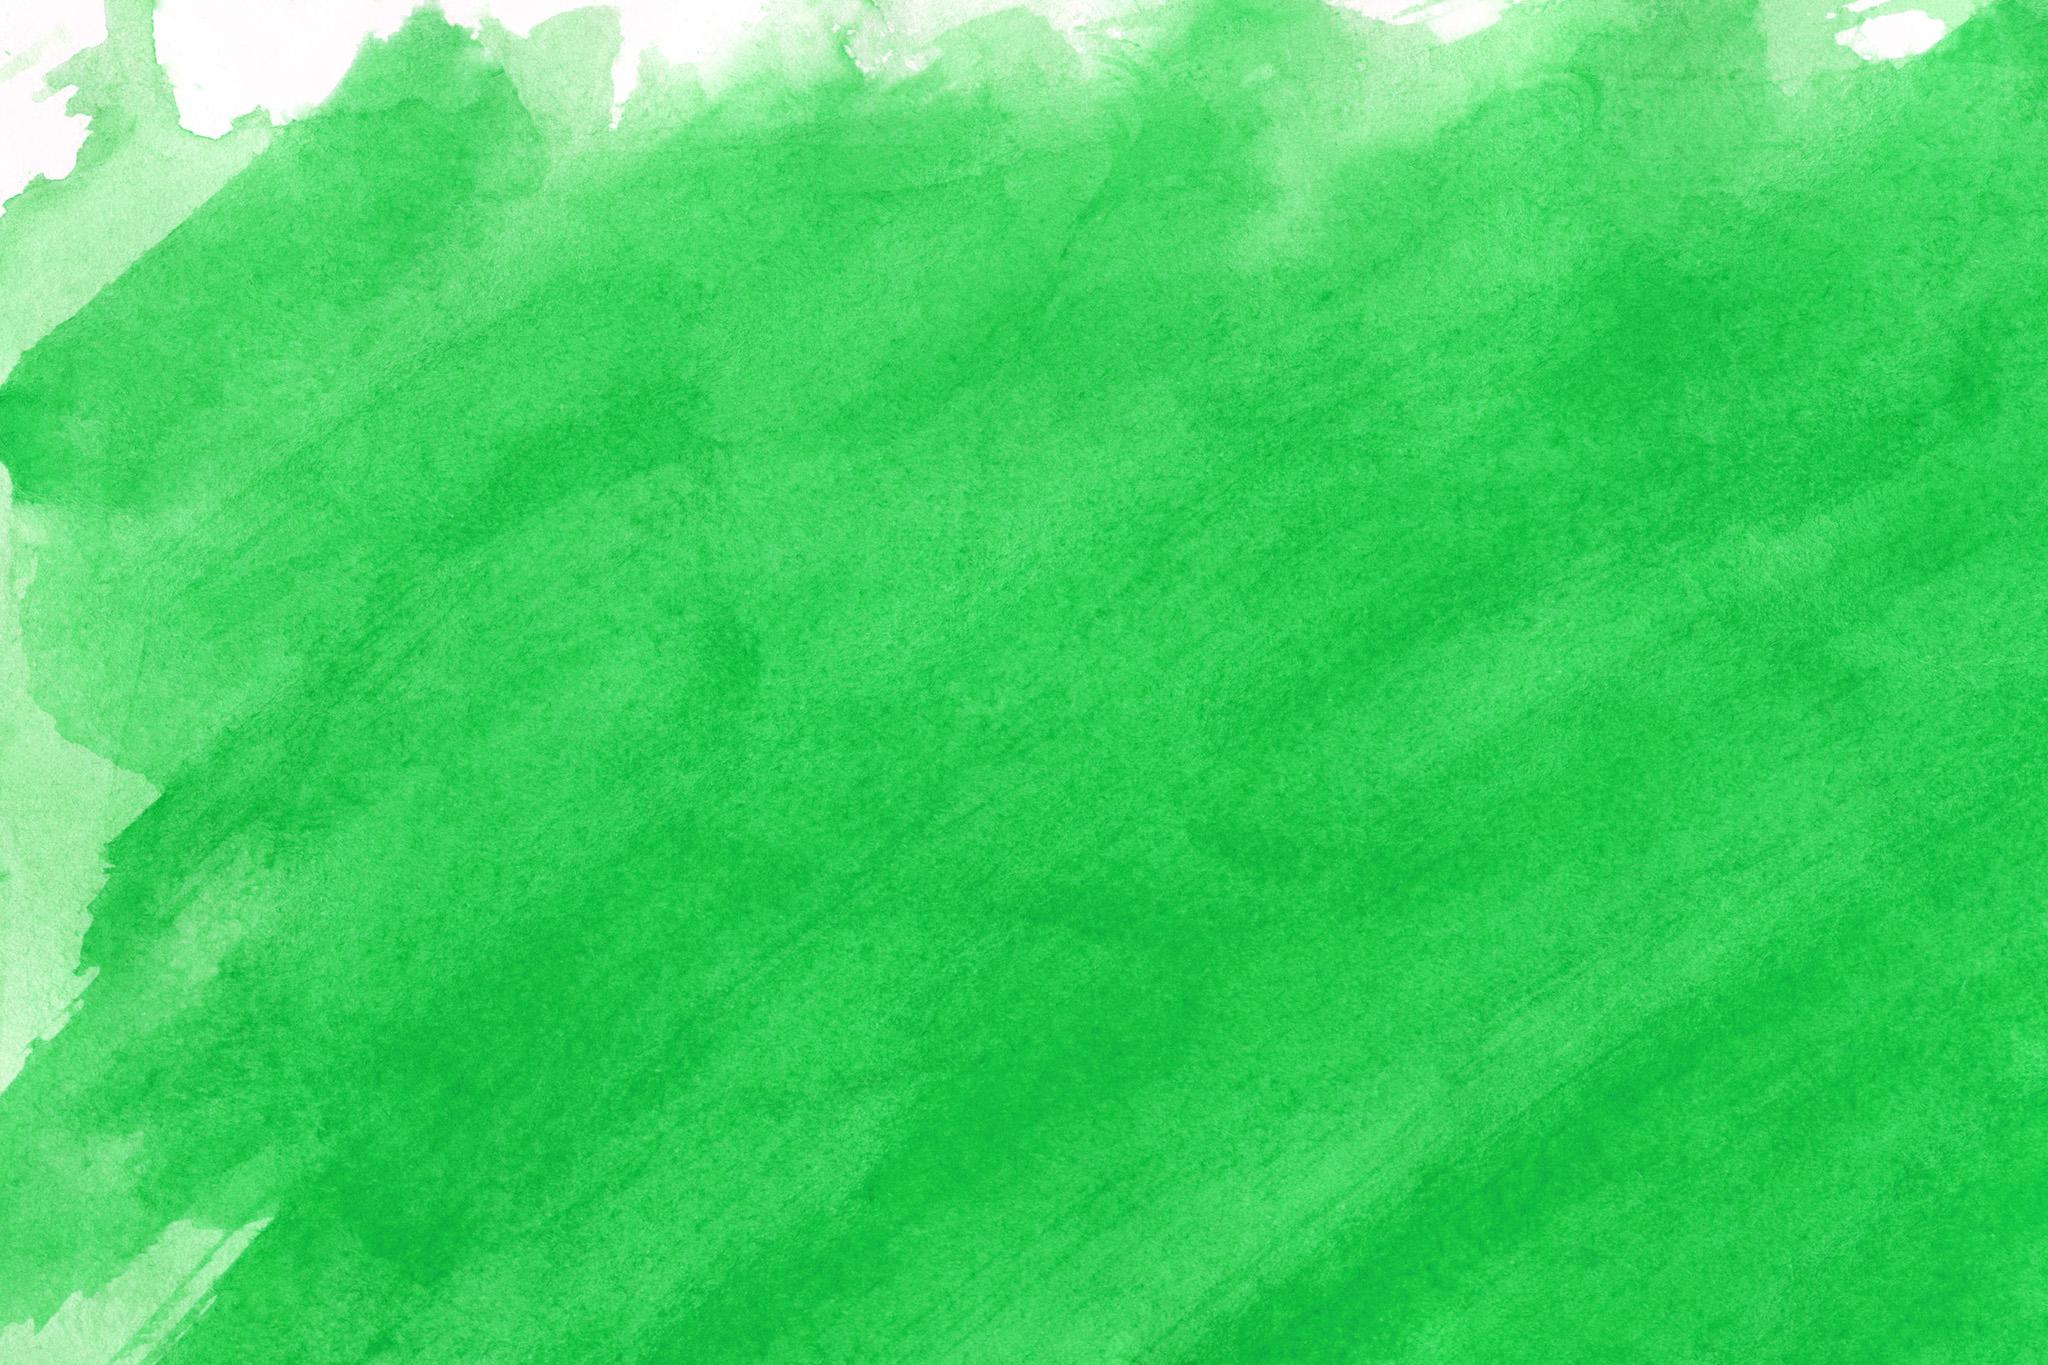 「鮮やかな緑のウオーターカラー背景」